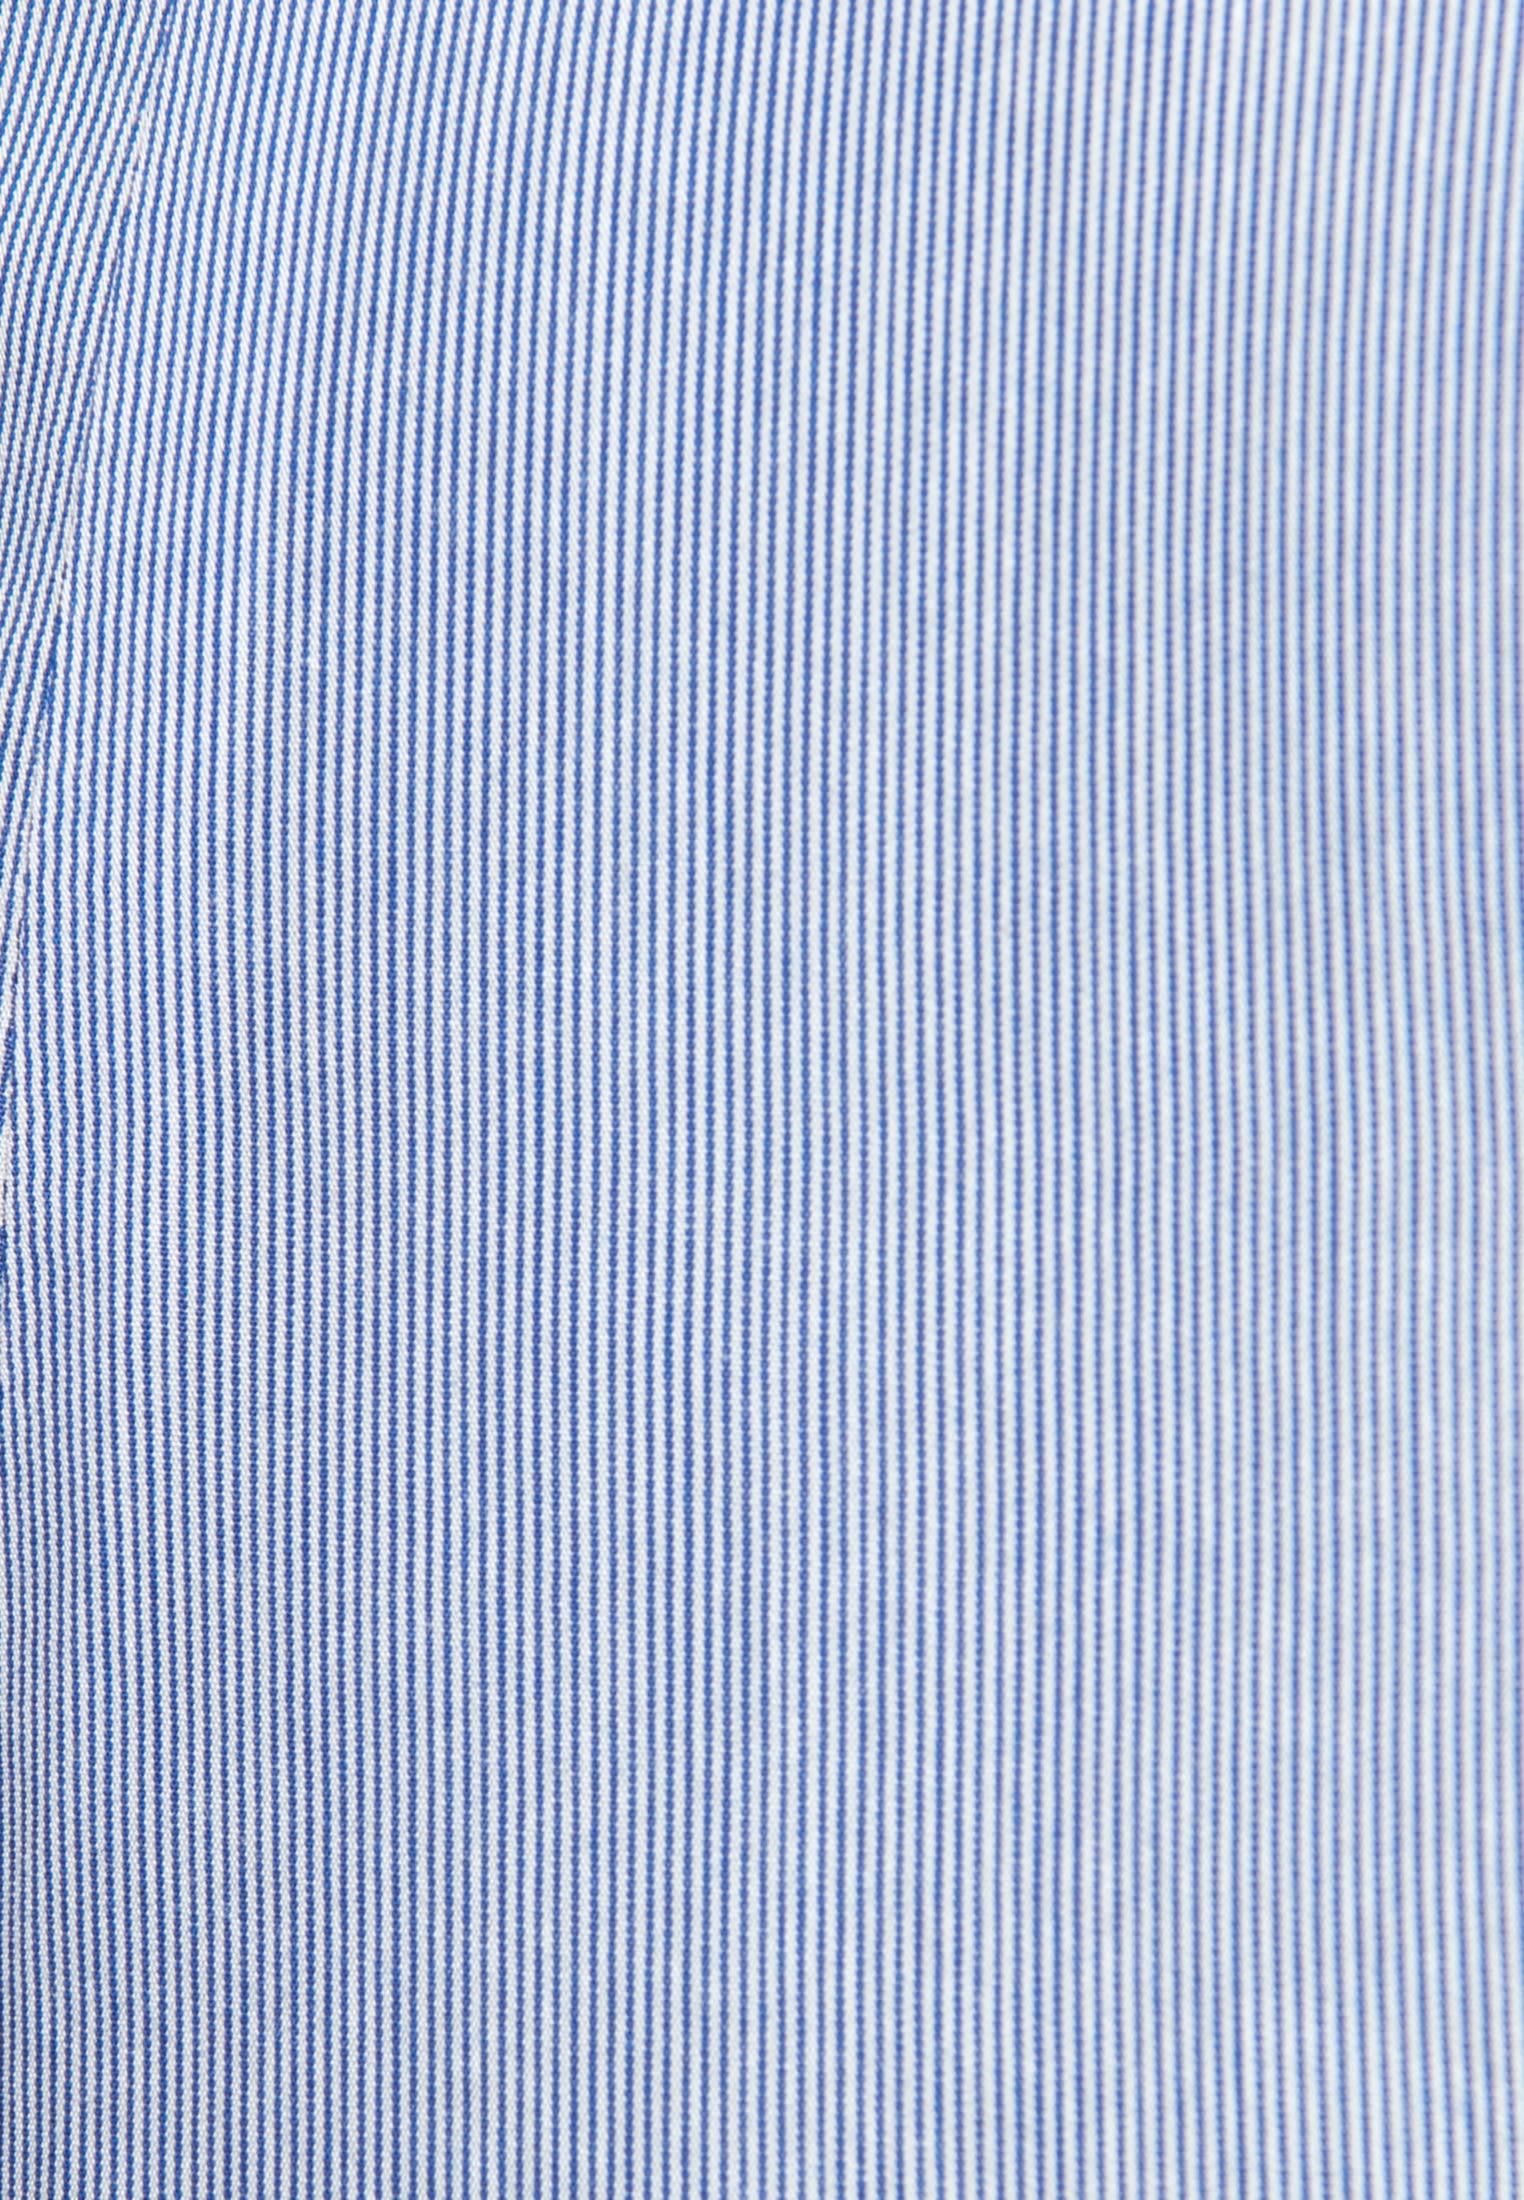 Popeline Kelchkragenbluse aus 100% Baumwolle in Mittelblau |  Seidensticker Onlineshop